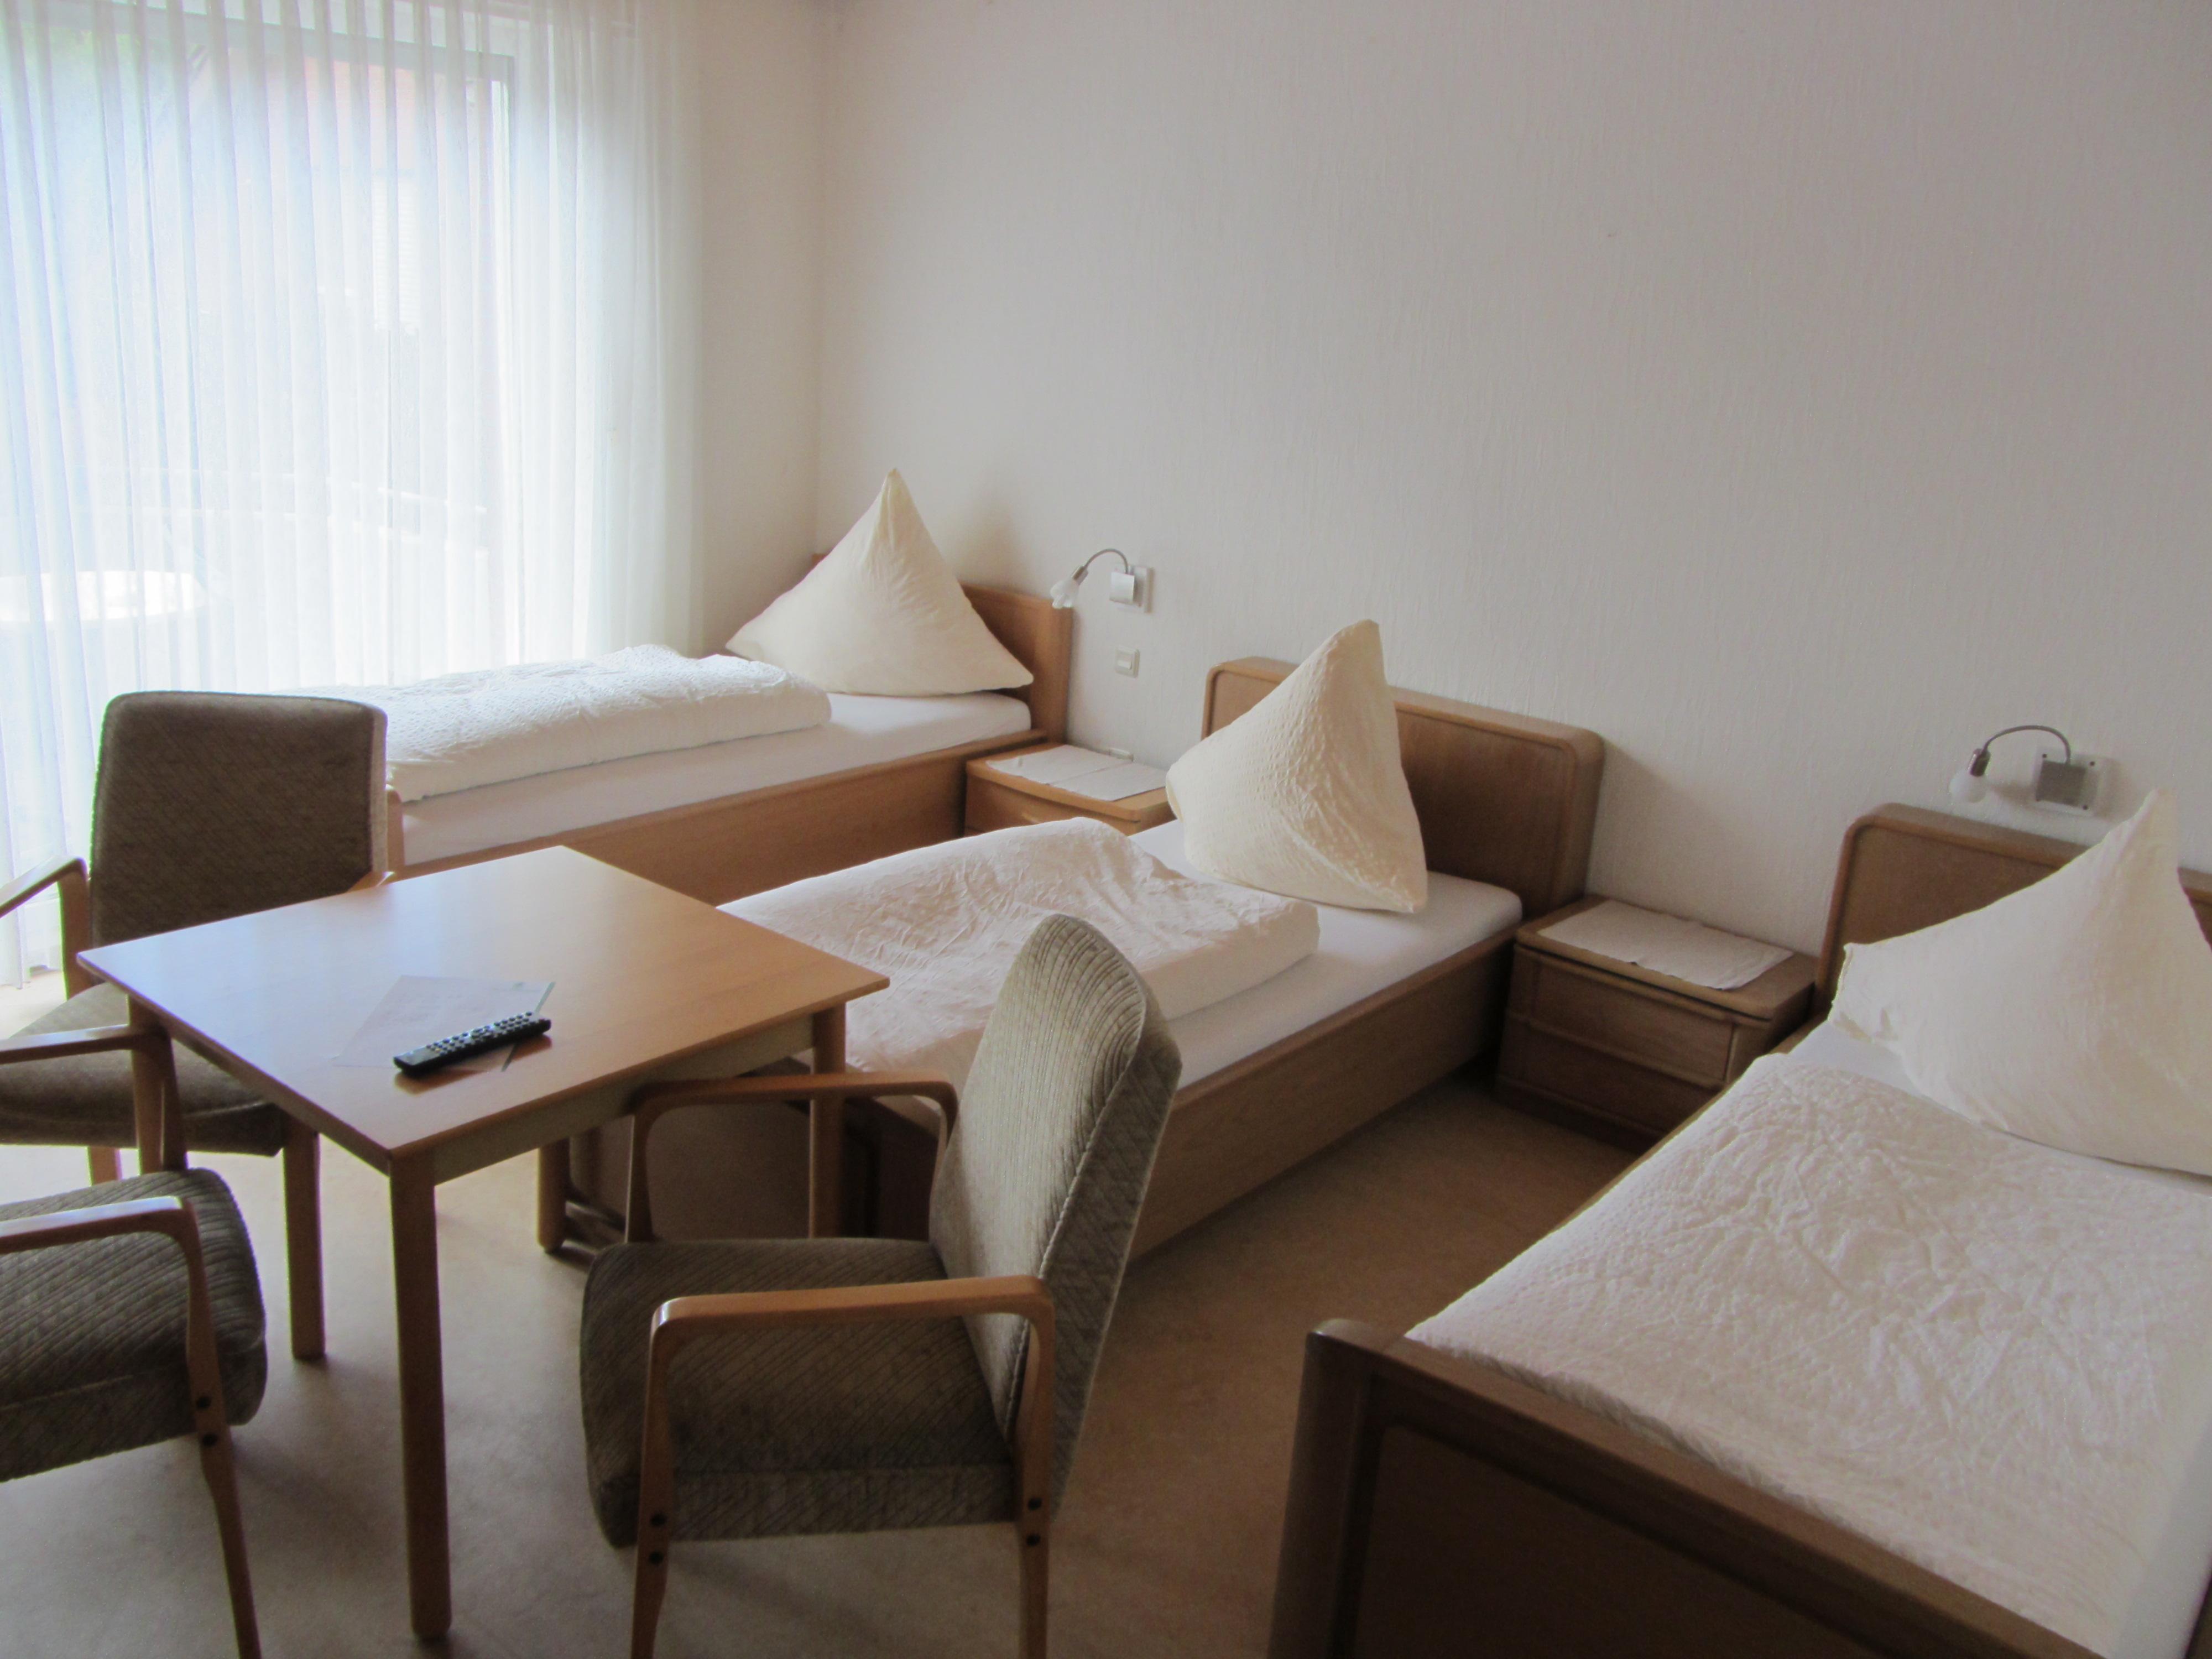 Monteurzimmer in Lippstadt Günstig finden - Agentur für Zimmervermittlung Lippstadt